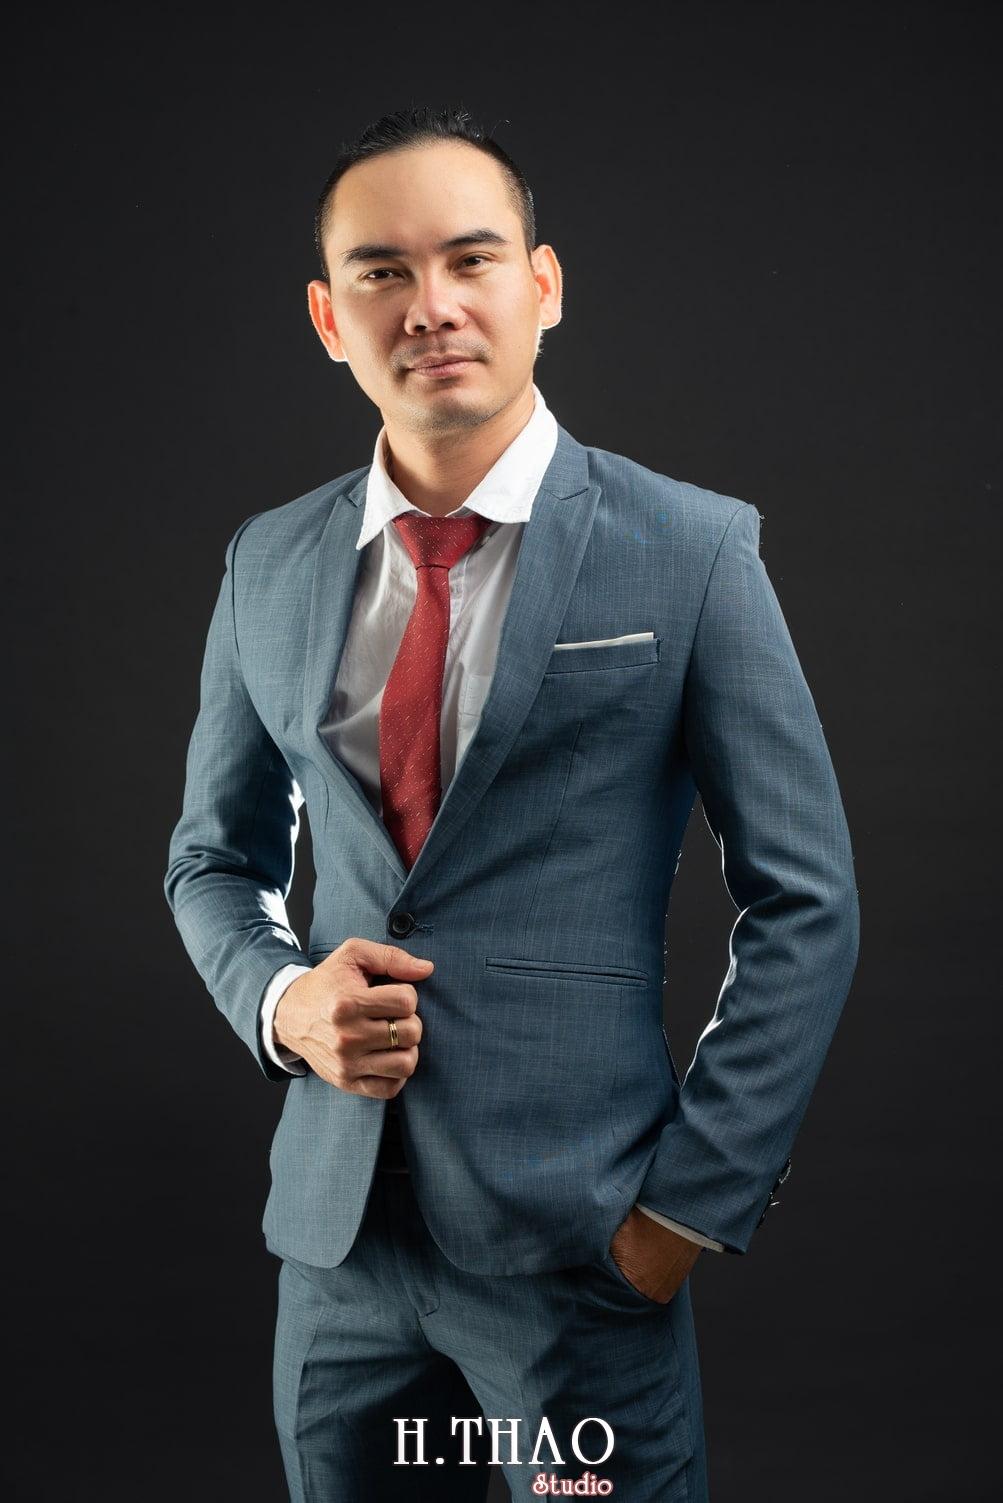 Anh Profile Ngoc Trai 2 min 1 - Album ảnh phong cách cá tính mạnh mẽ anh Ngọc Trai - HThao Studio